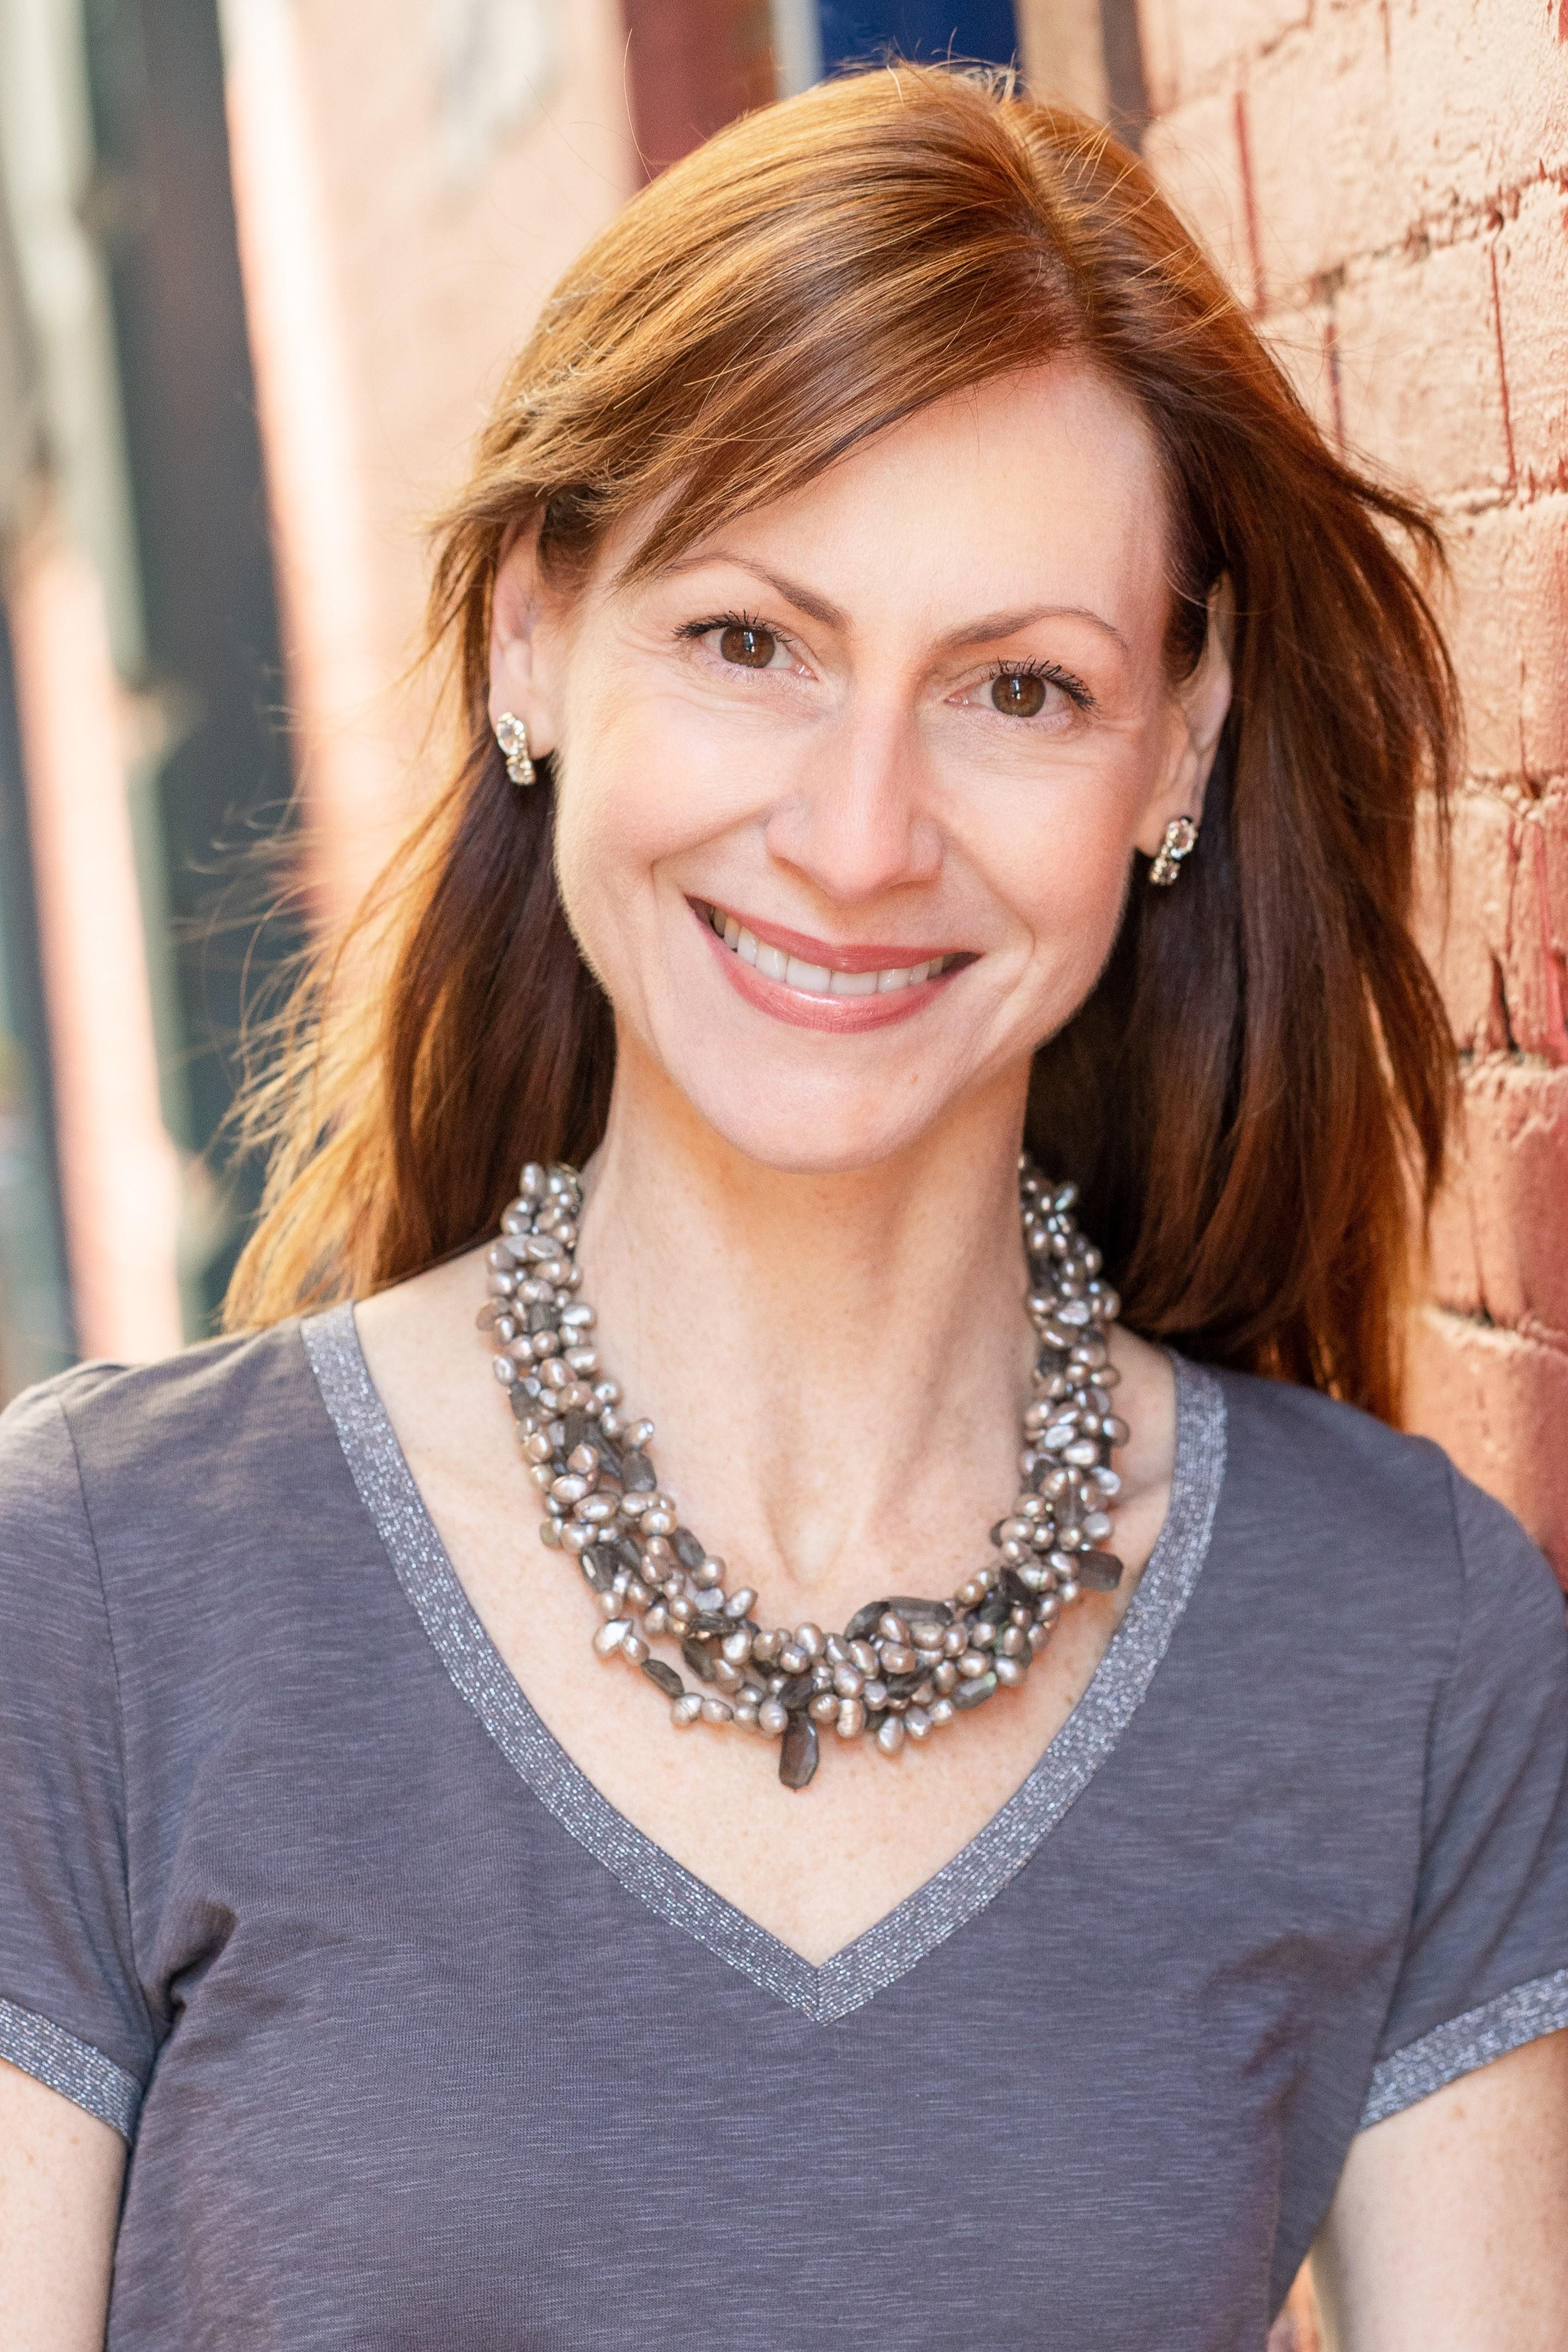 Whitney Creighton